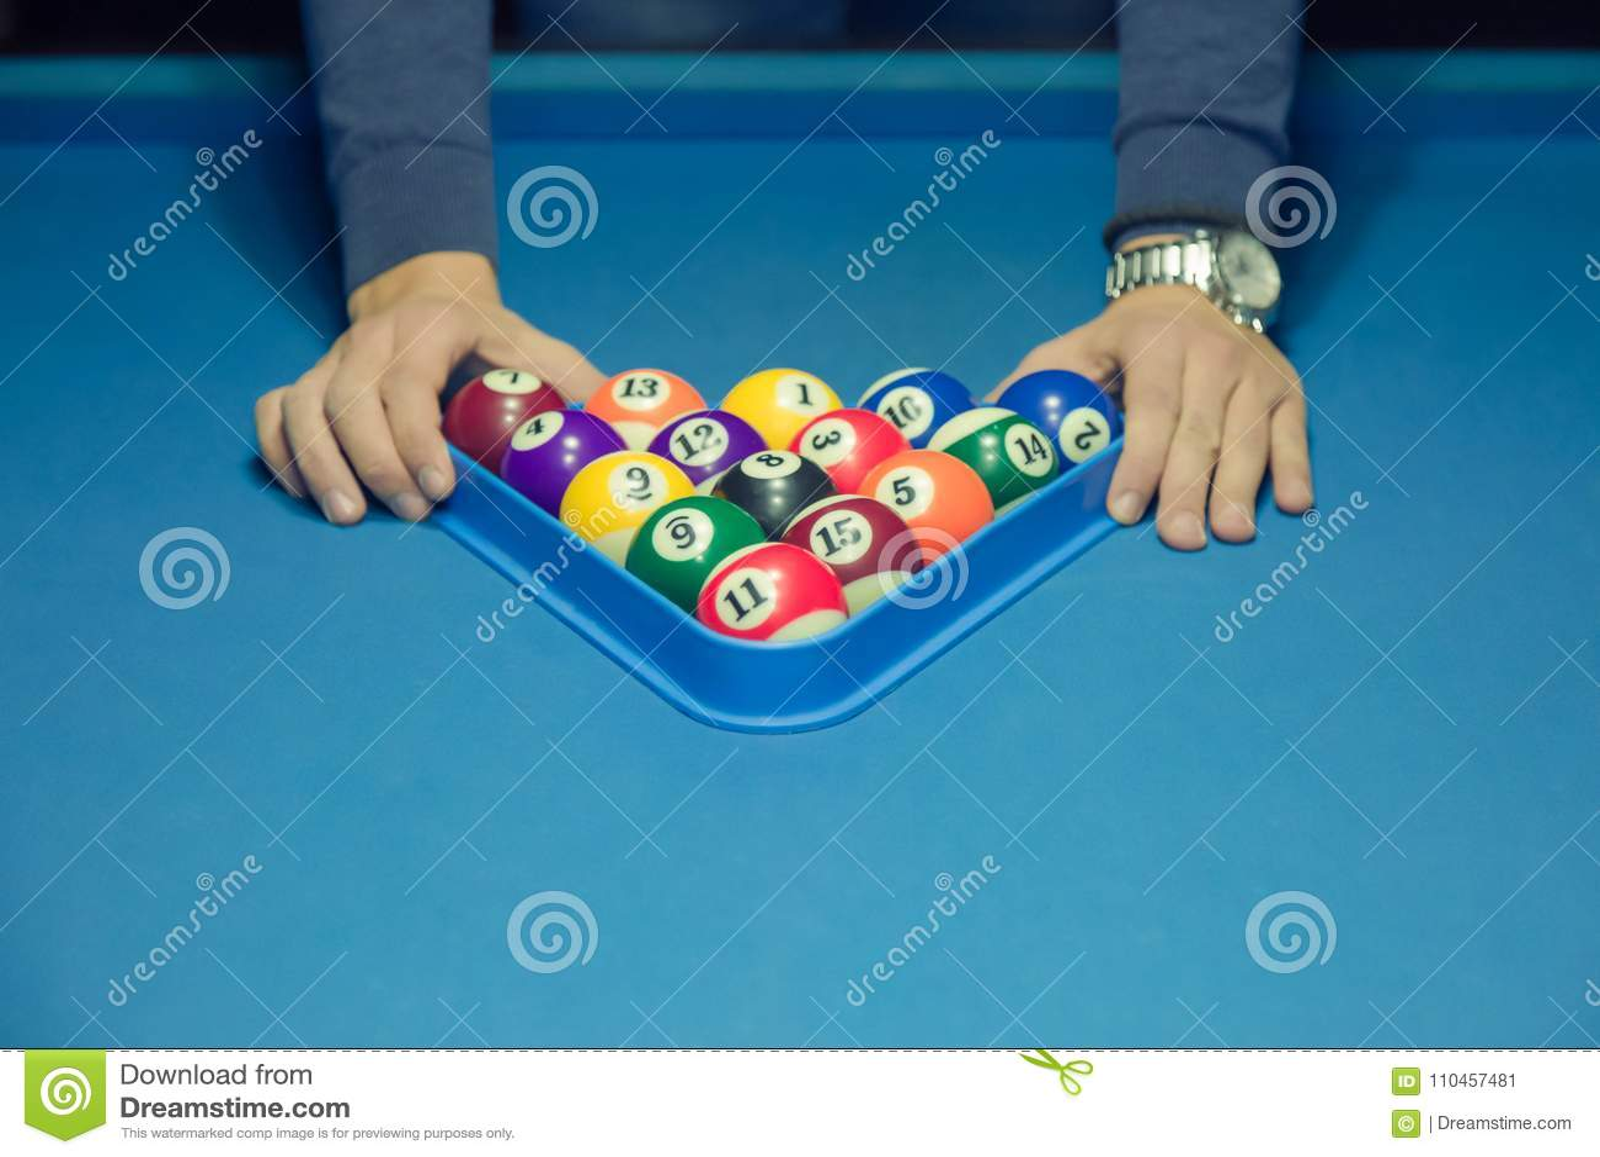 Spelare som använder triangeln till att förbereda bollarna för den nästa leken